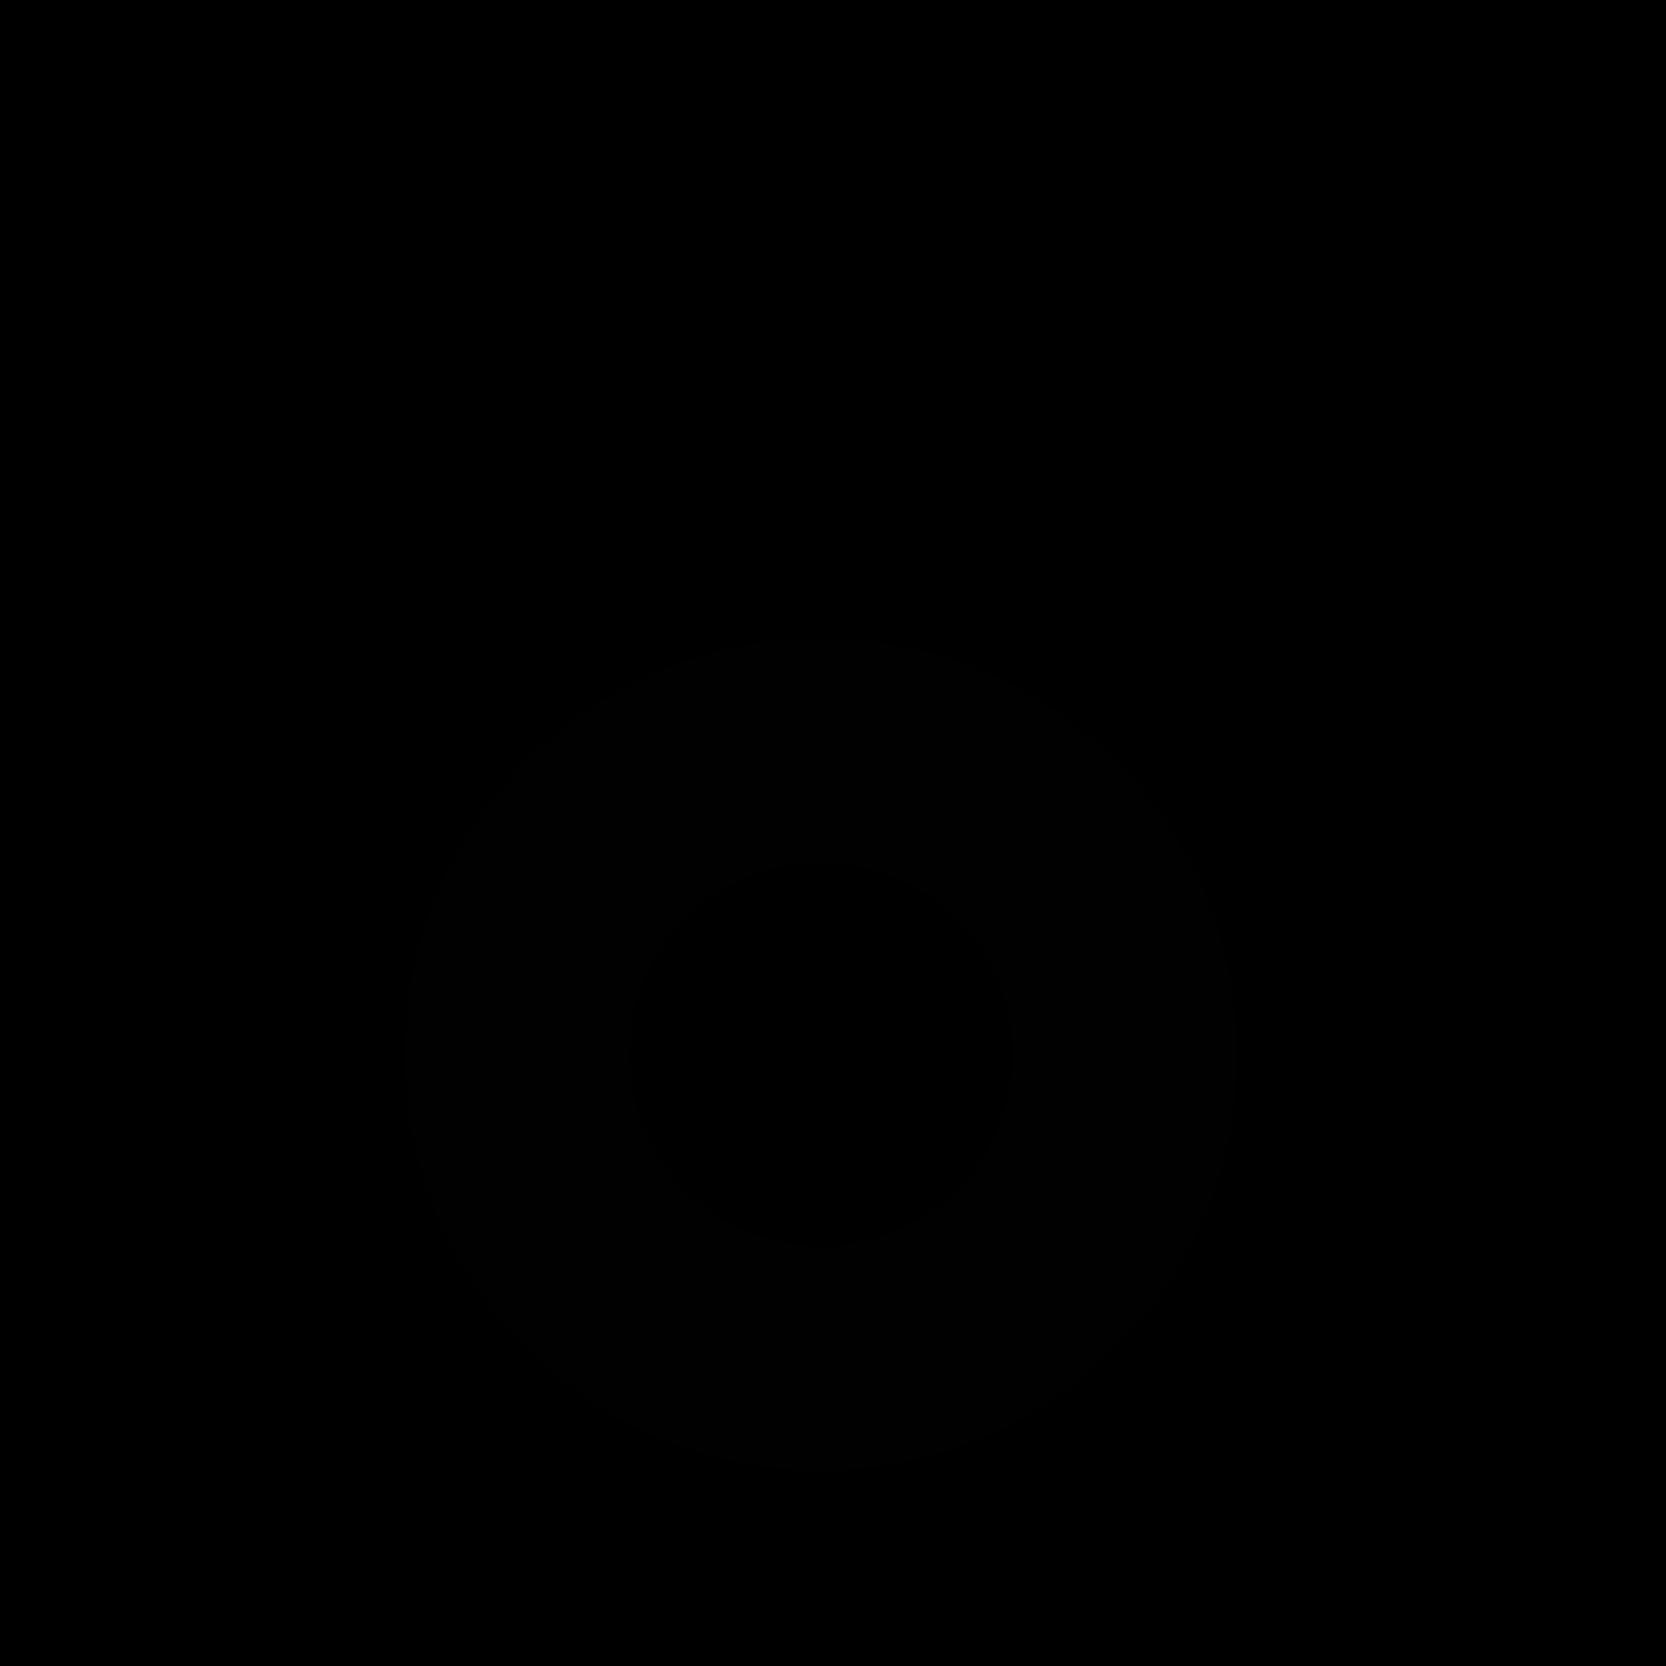 حرصت وأنا أصمم الشعار أن يكون مميزا وبسيطا ، الدائرة تعبر عن الحب اللامتناهي والسعي خلف تحقيق الأحلام بكل إخلاص وتفاني والنقاط الثلاثة هي التوازن في الحياة وأتمنى أن ينال  إعجابكم وانتظروا جديدي ومنتجات صنعت بكل حب -